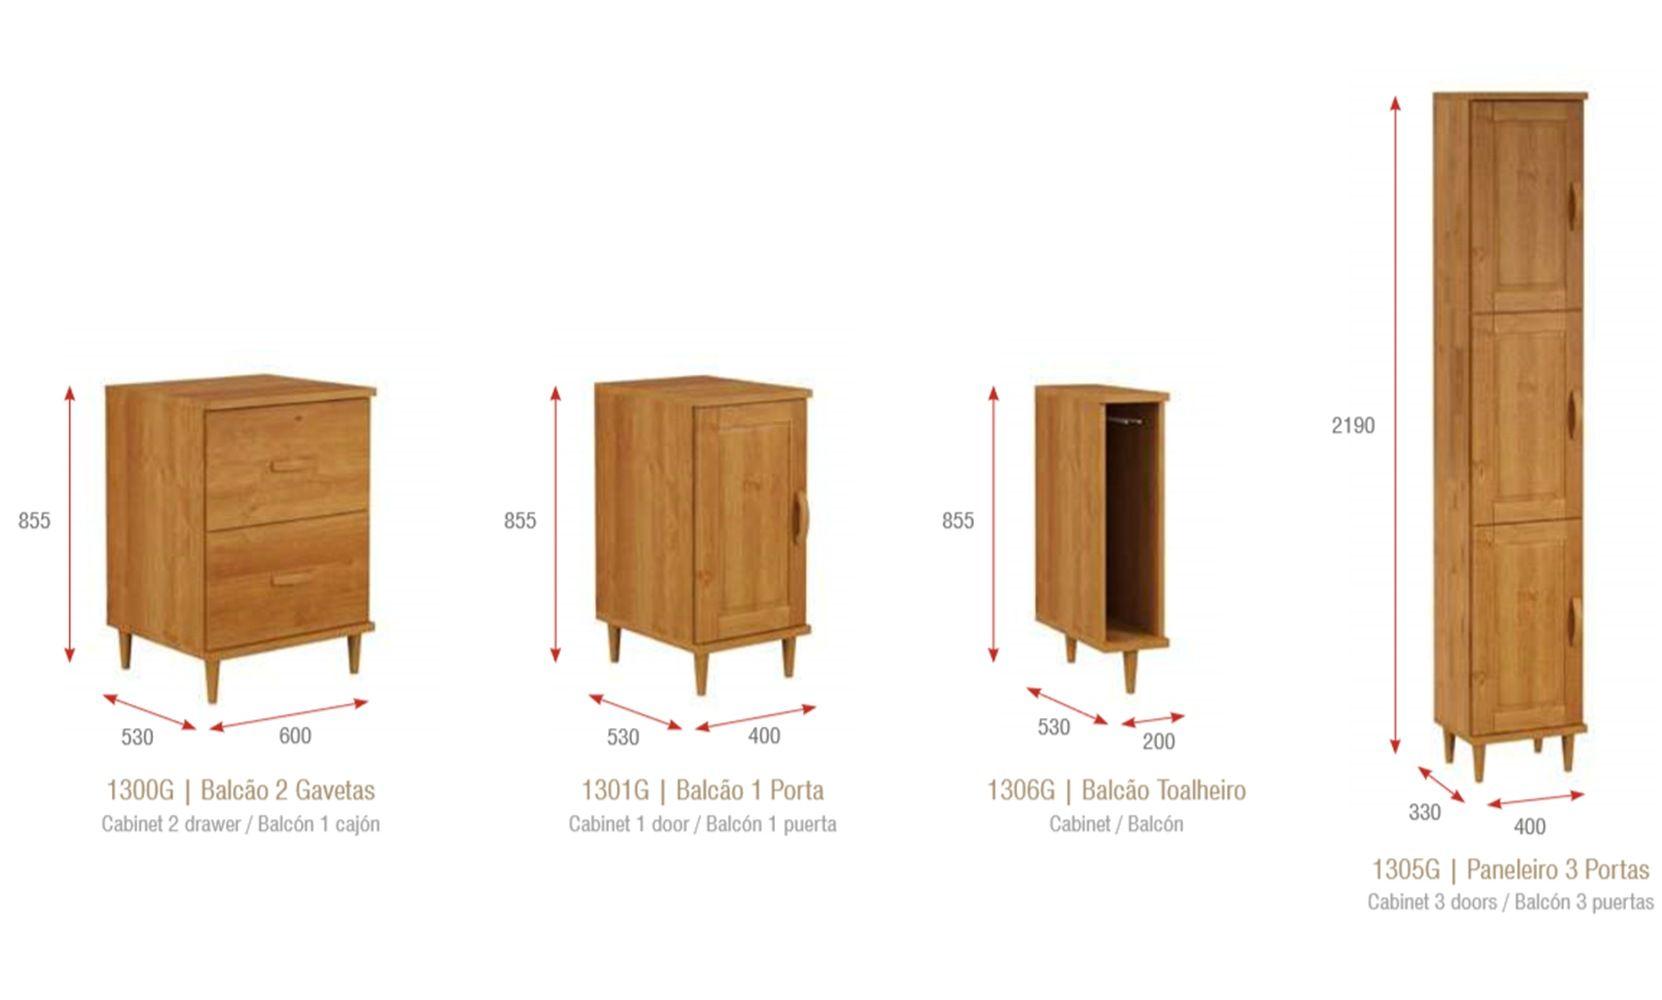 Cozinha Compacta Jade - Madeira Maciça - 15 Módulos - Cor Nogueira